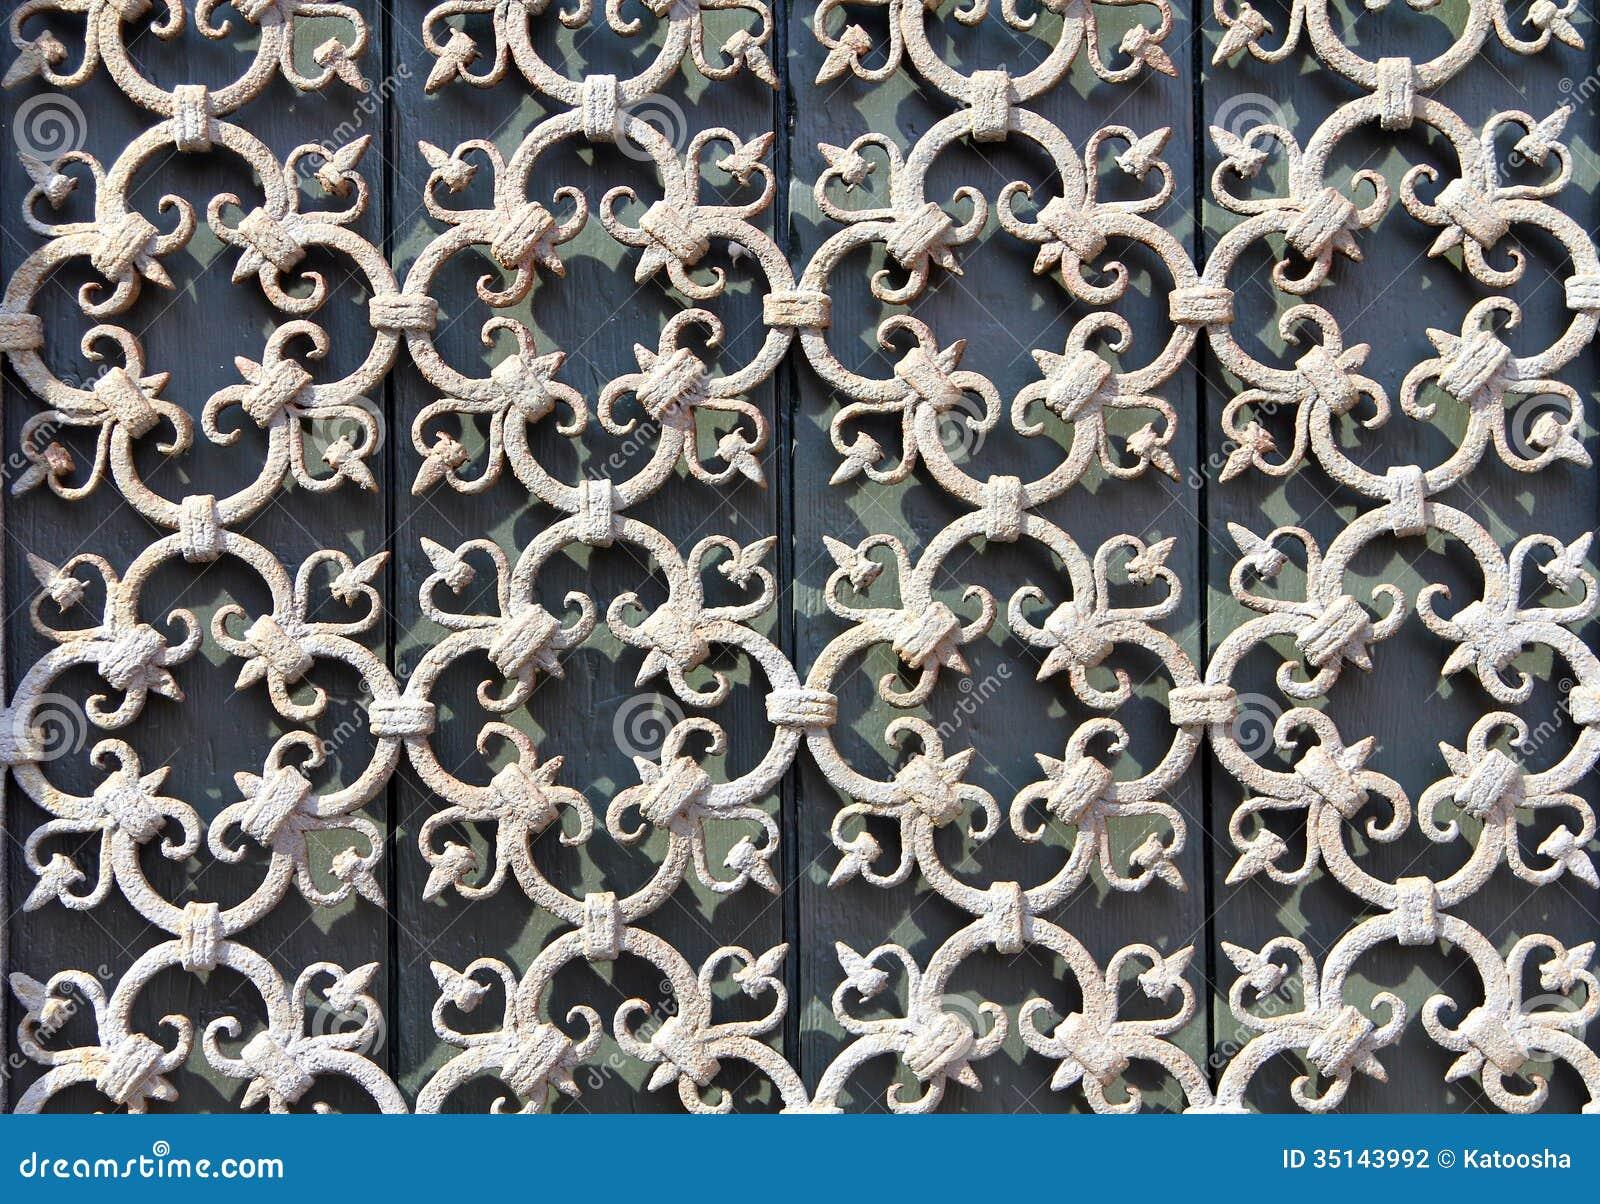 Fence Gate Design Plans